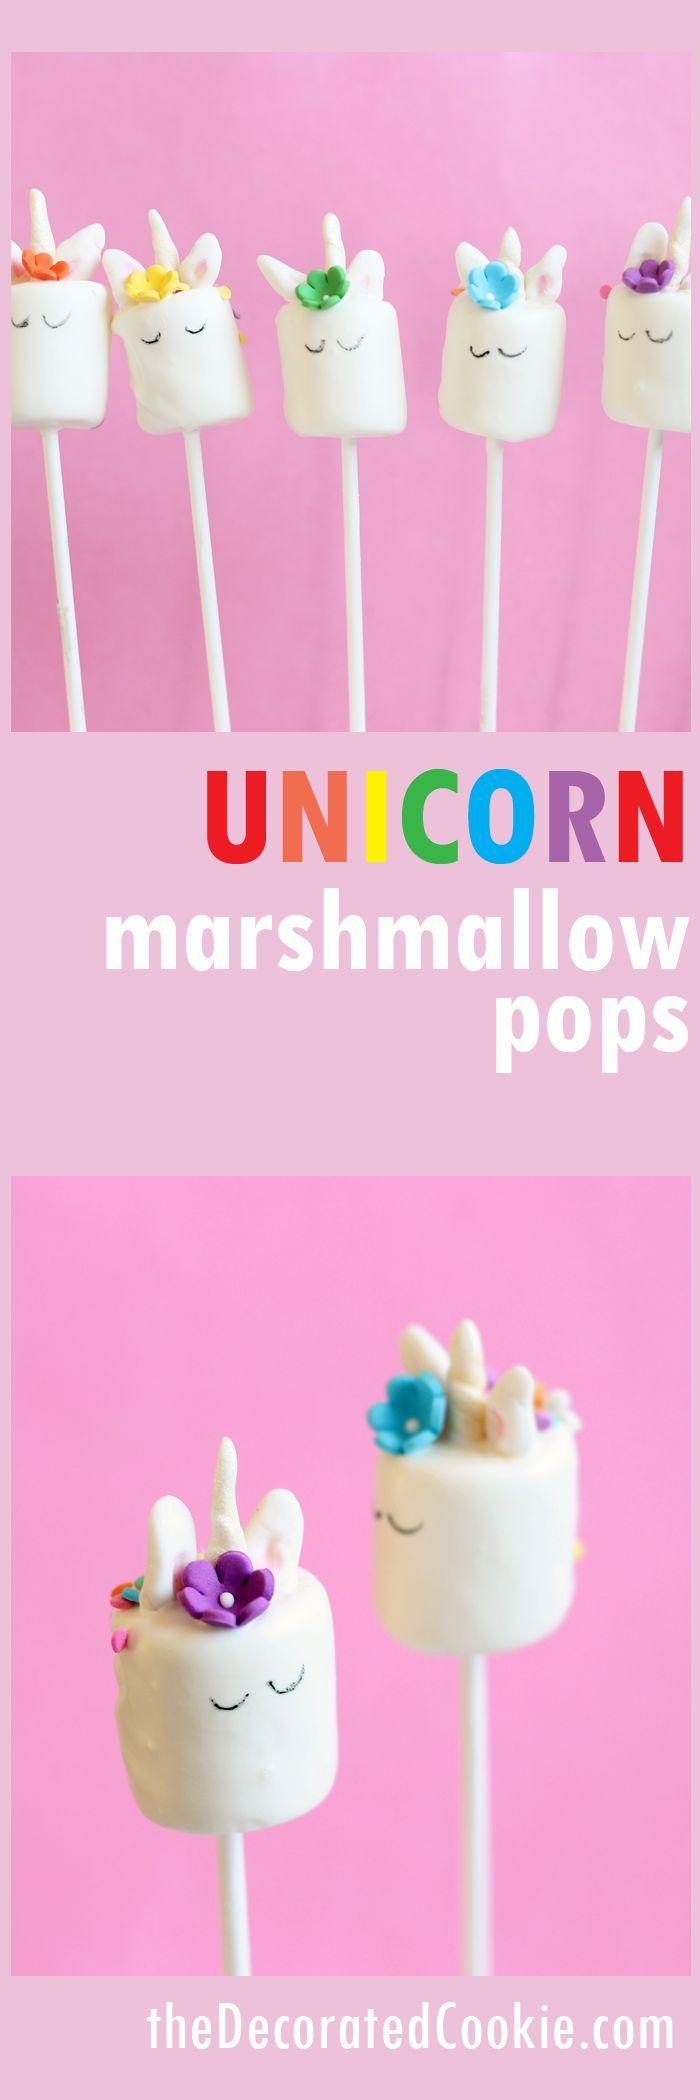 DIY unicorn marshmallow pops